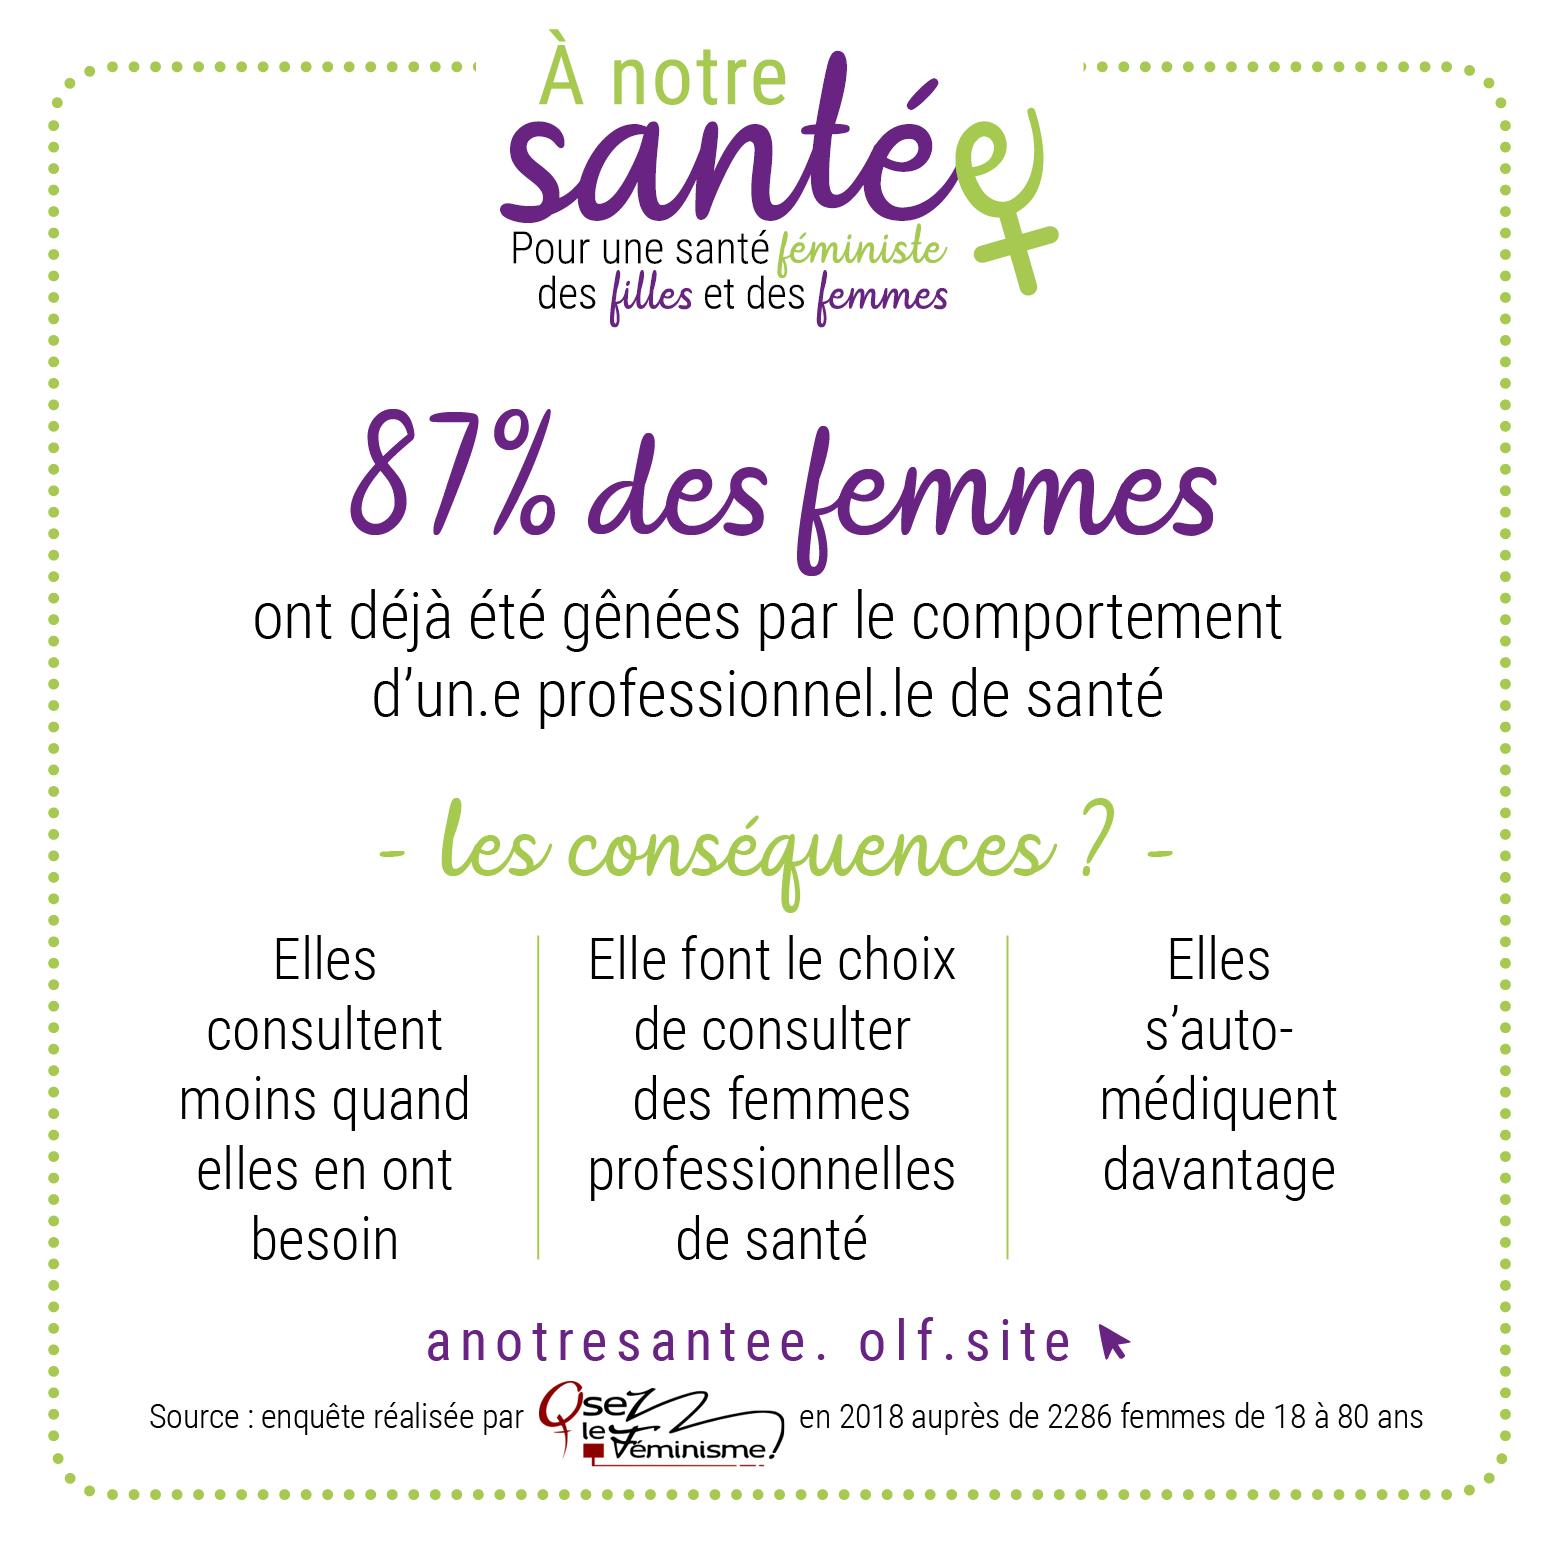 visuels-campagne-SanteedesFemmes-OLF-1